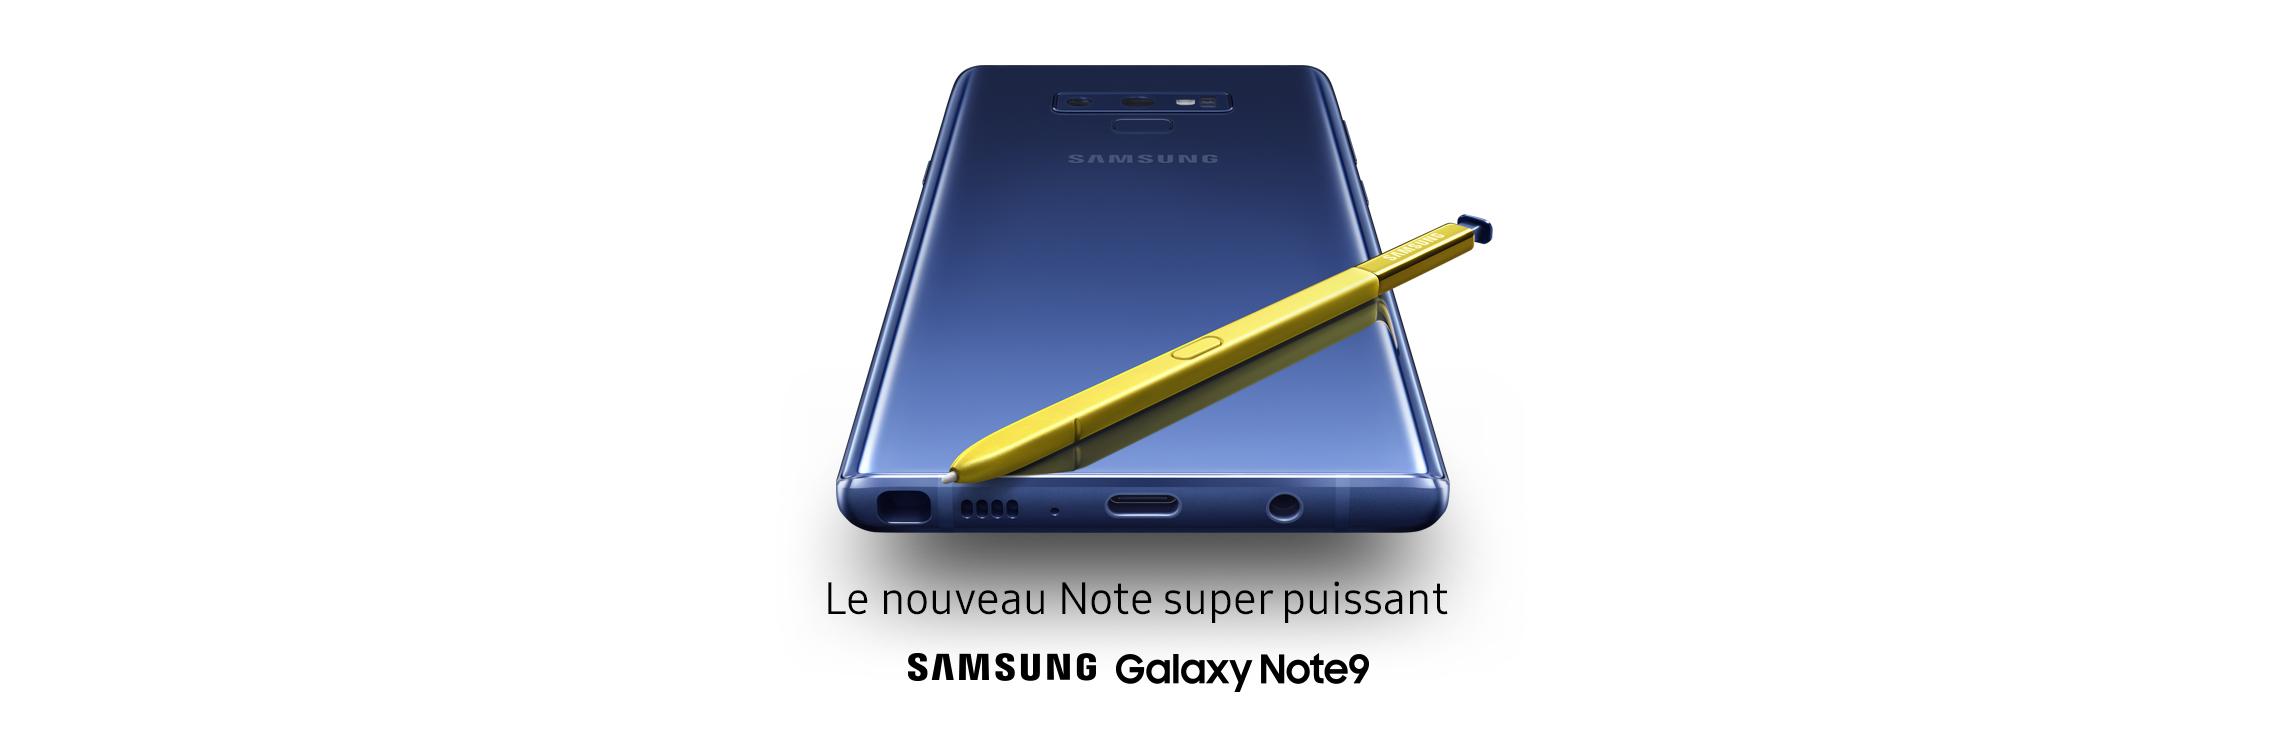 Le nouveau Note super puissant - Samsung Galaxy Note9